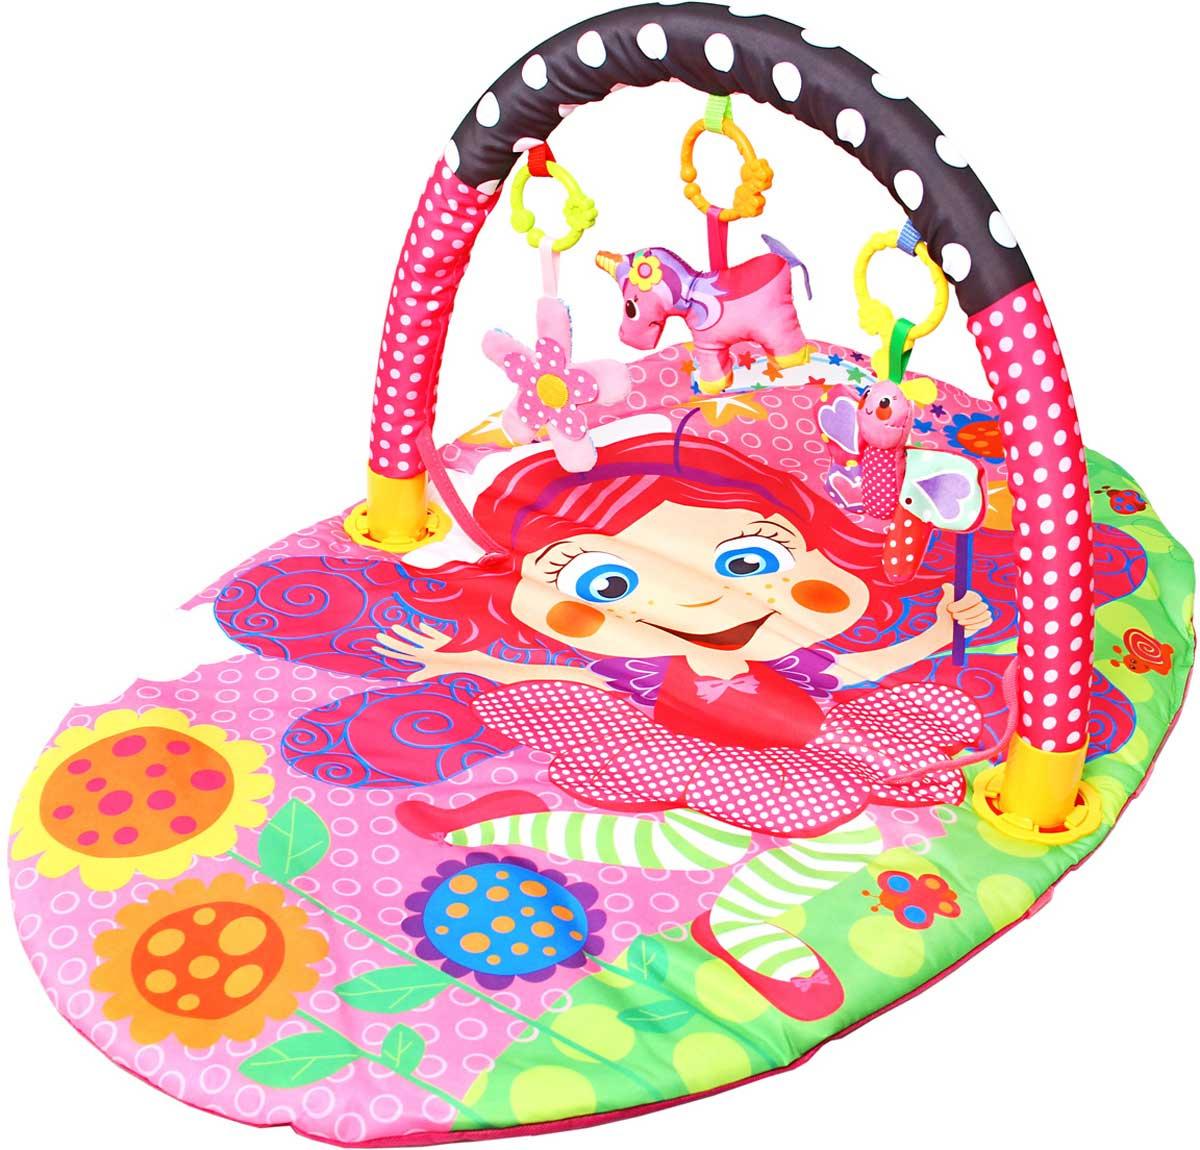 Ути-Пути Развивающий коврик Цветочная принцесса #1